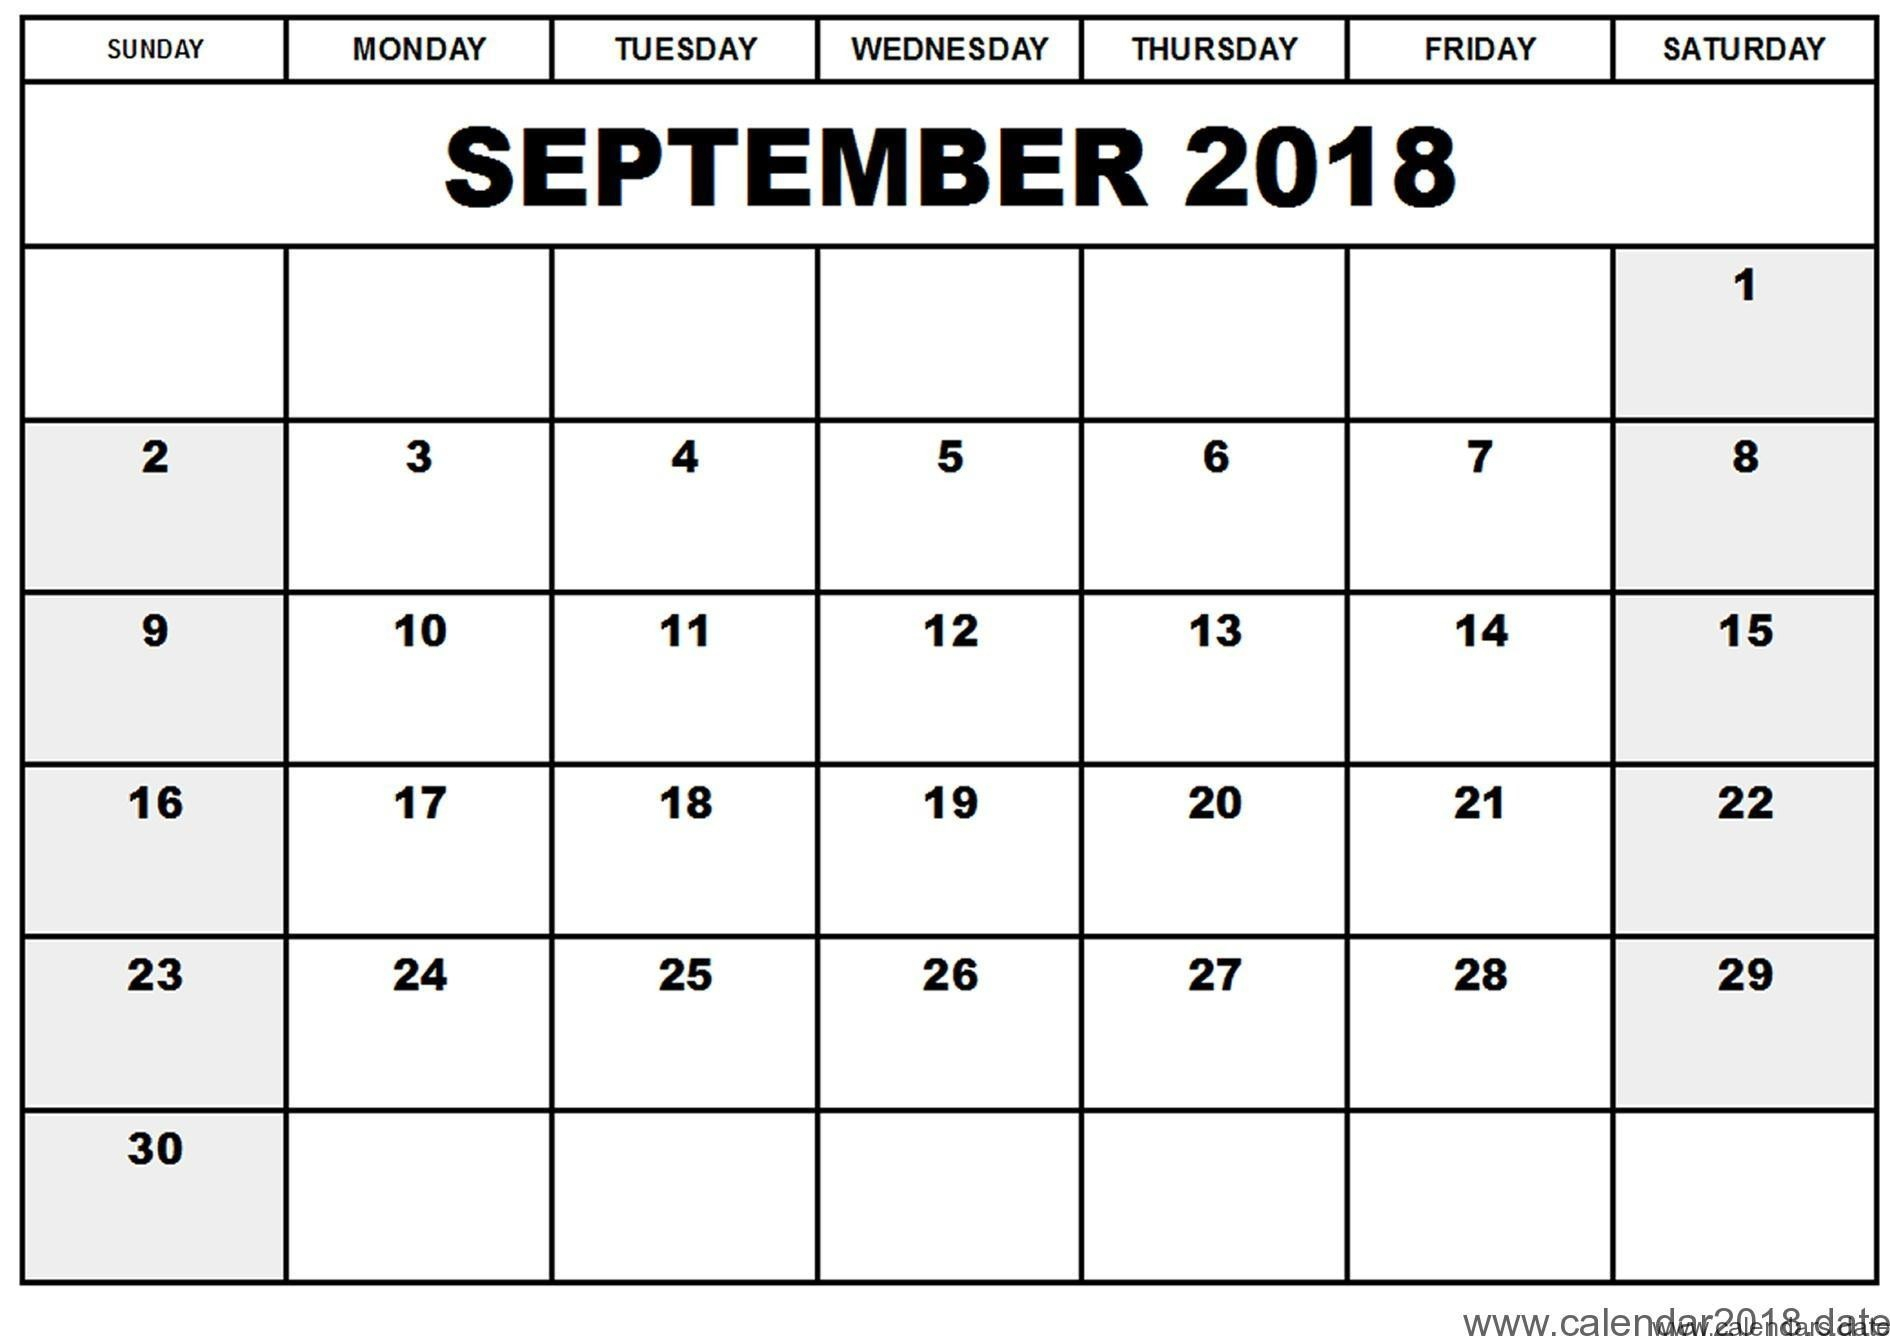 September Calendar 2018 Printable within Blank September Calendar Printable With Holidays